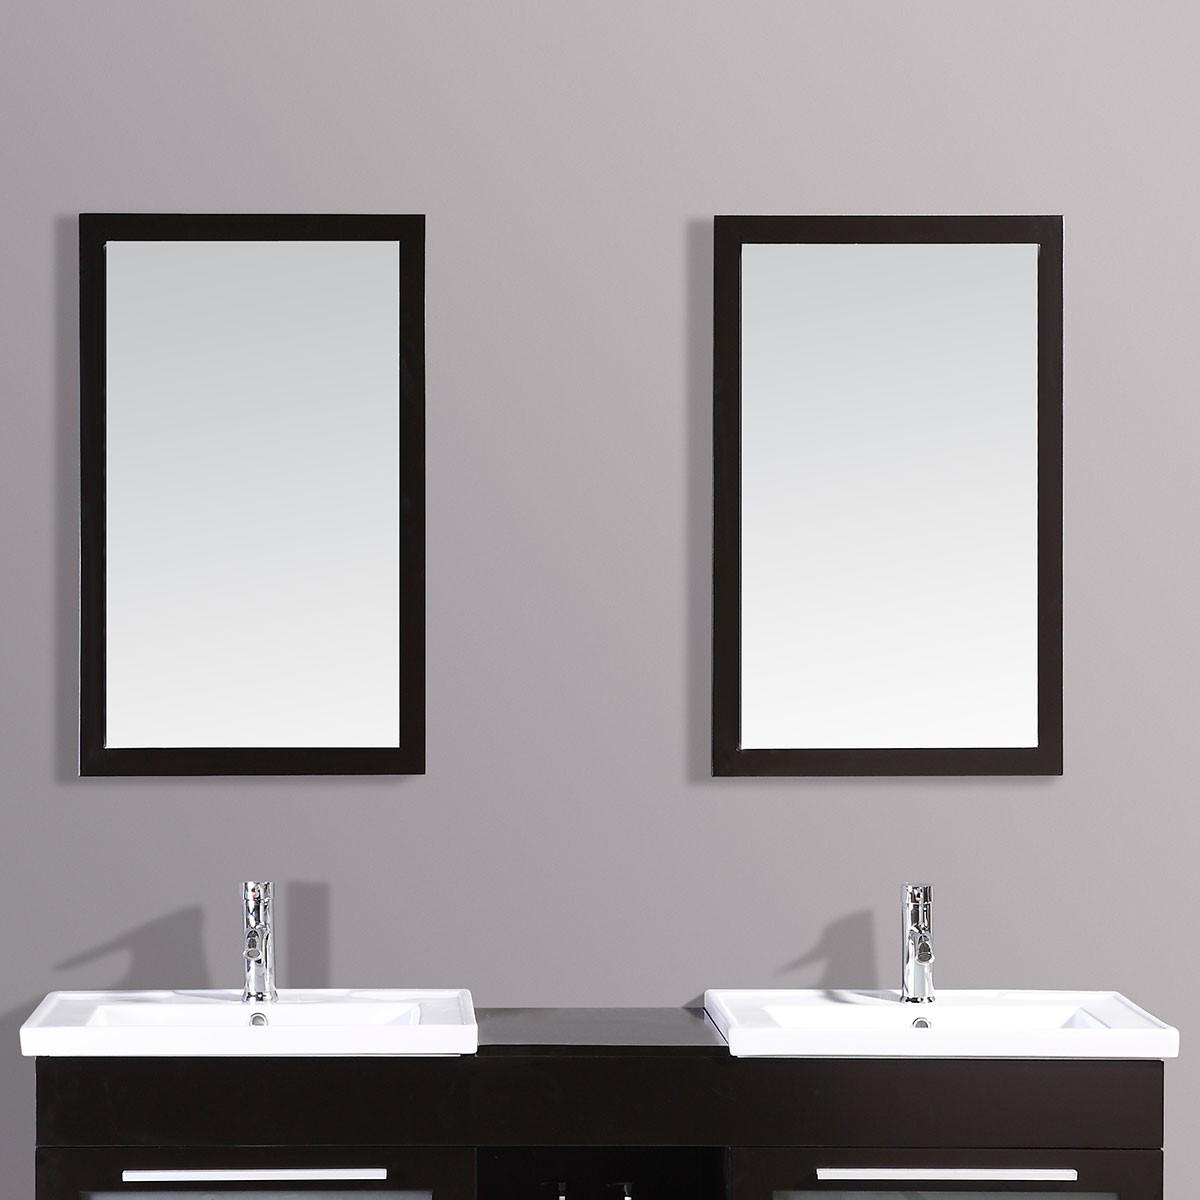 24 x 31 po Miroir avec cadre espresso (DK-T9118-M)